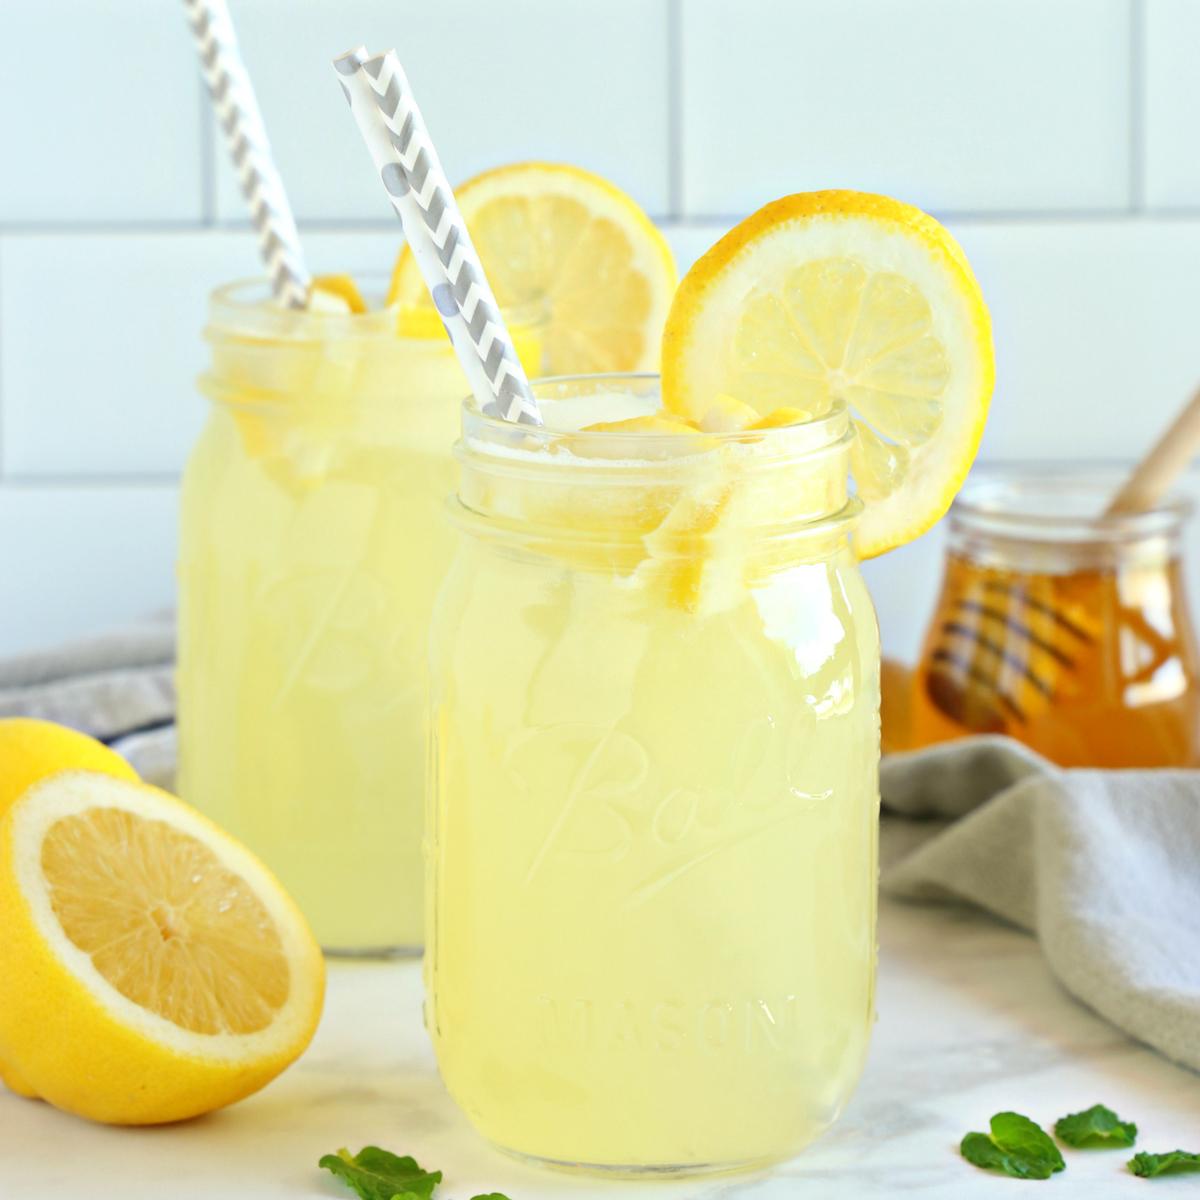 healthy-3-ingredient-lemonade-fbig1.jpg